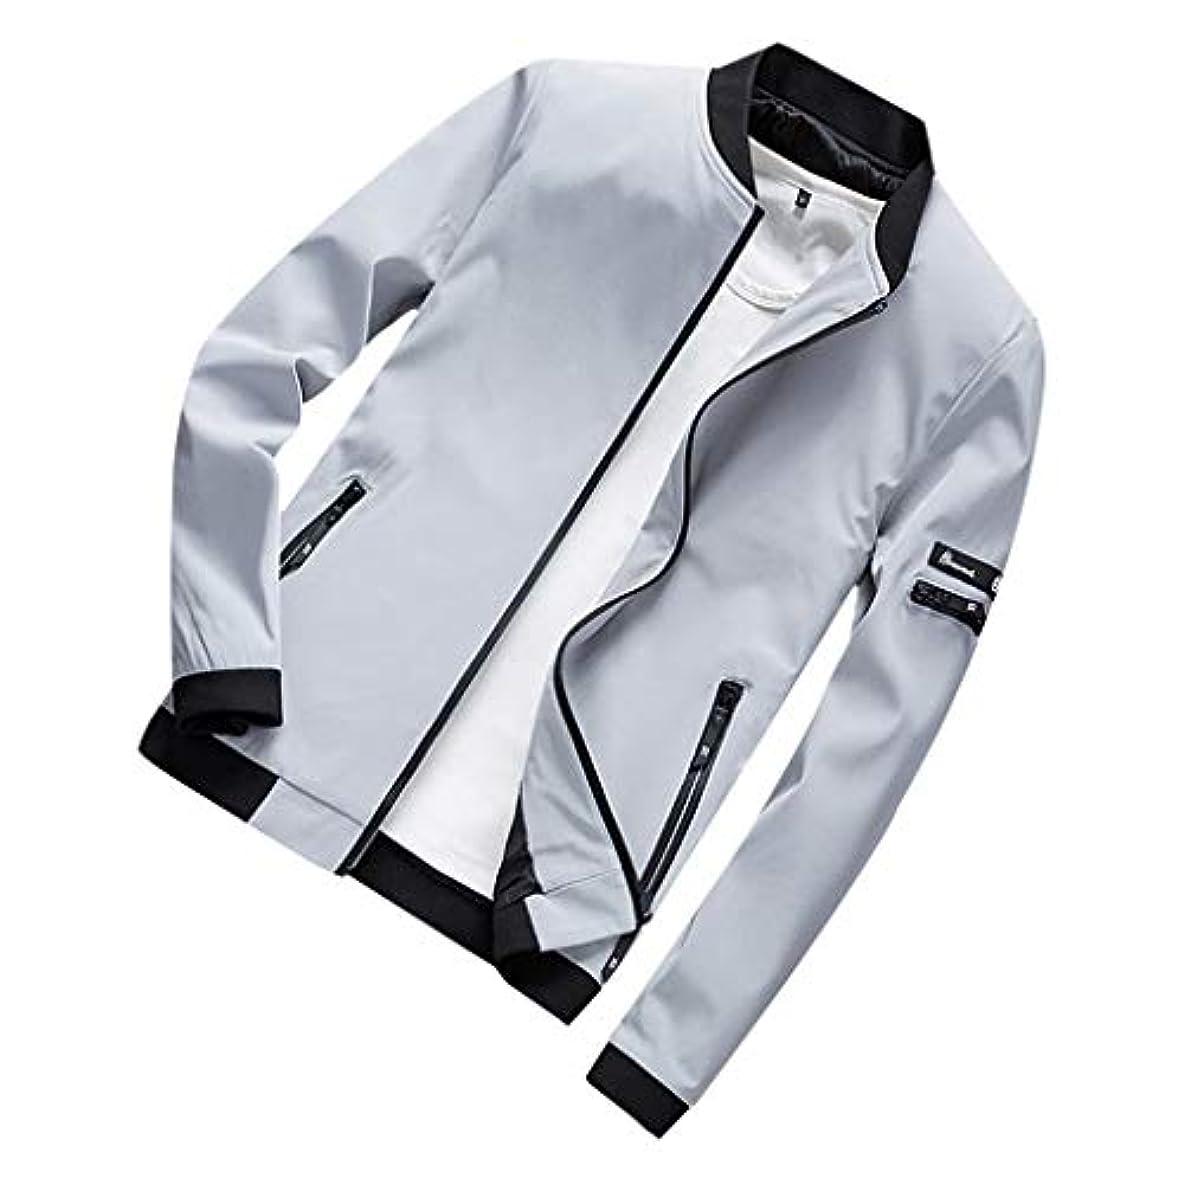 西クマノミカタログジャケット メンズ コート ブルゾン 秋 冬 防水 無地 カジュアル 綿 大きいサイズ アウター 黒 ストレッチ ビジネスシャツ 細身 ジャケット